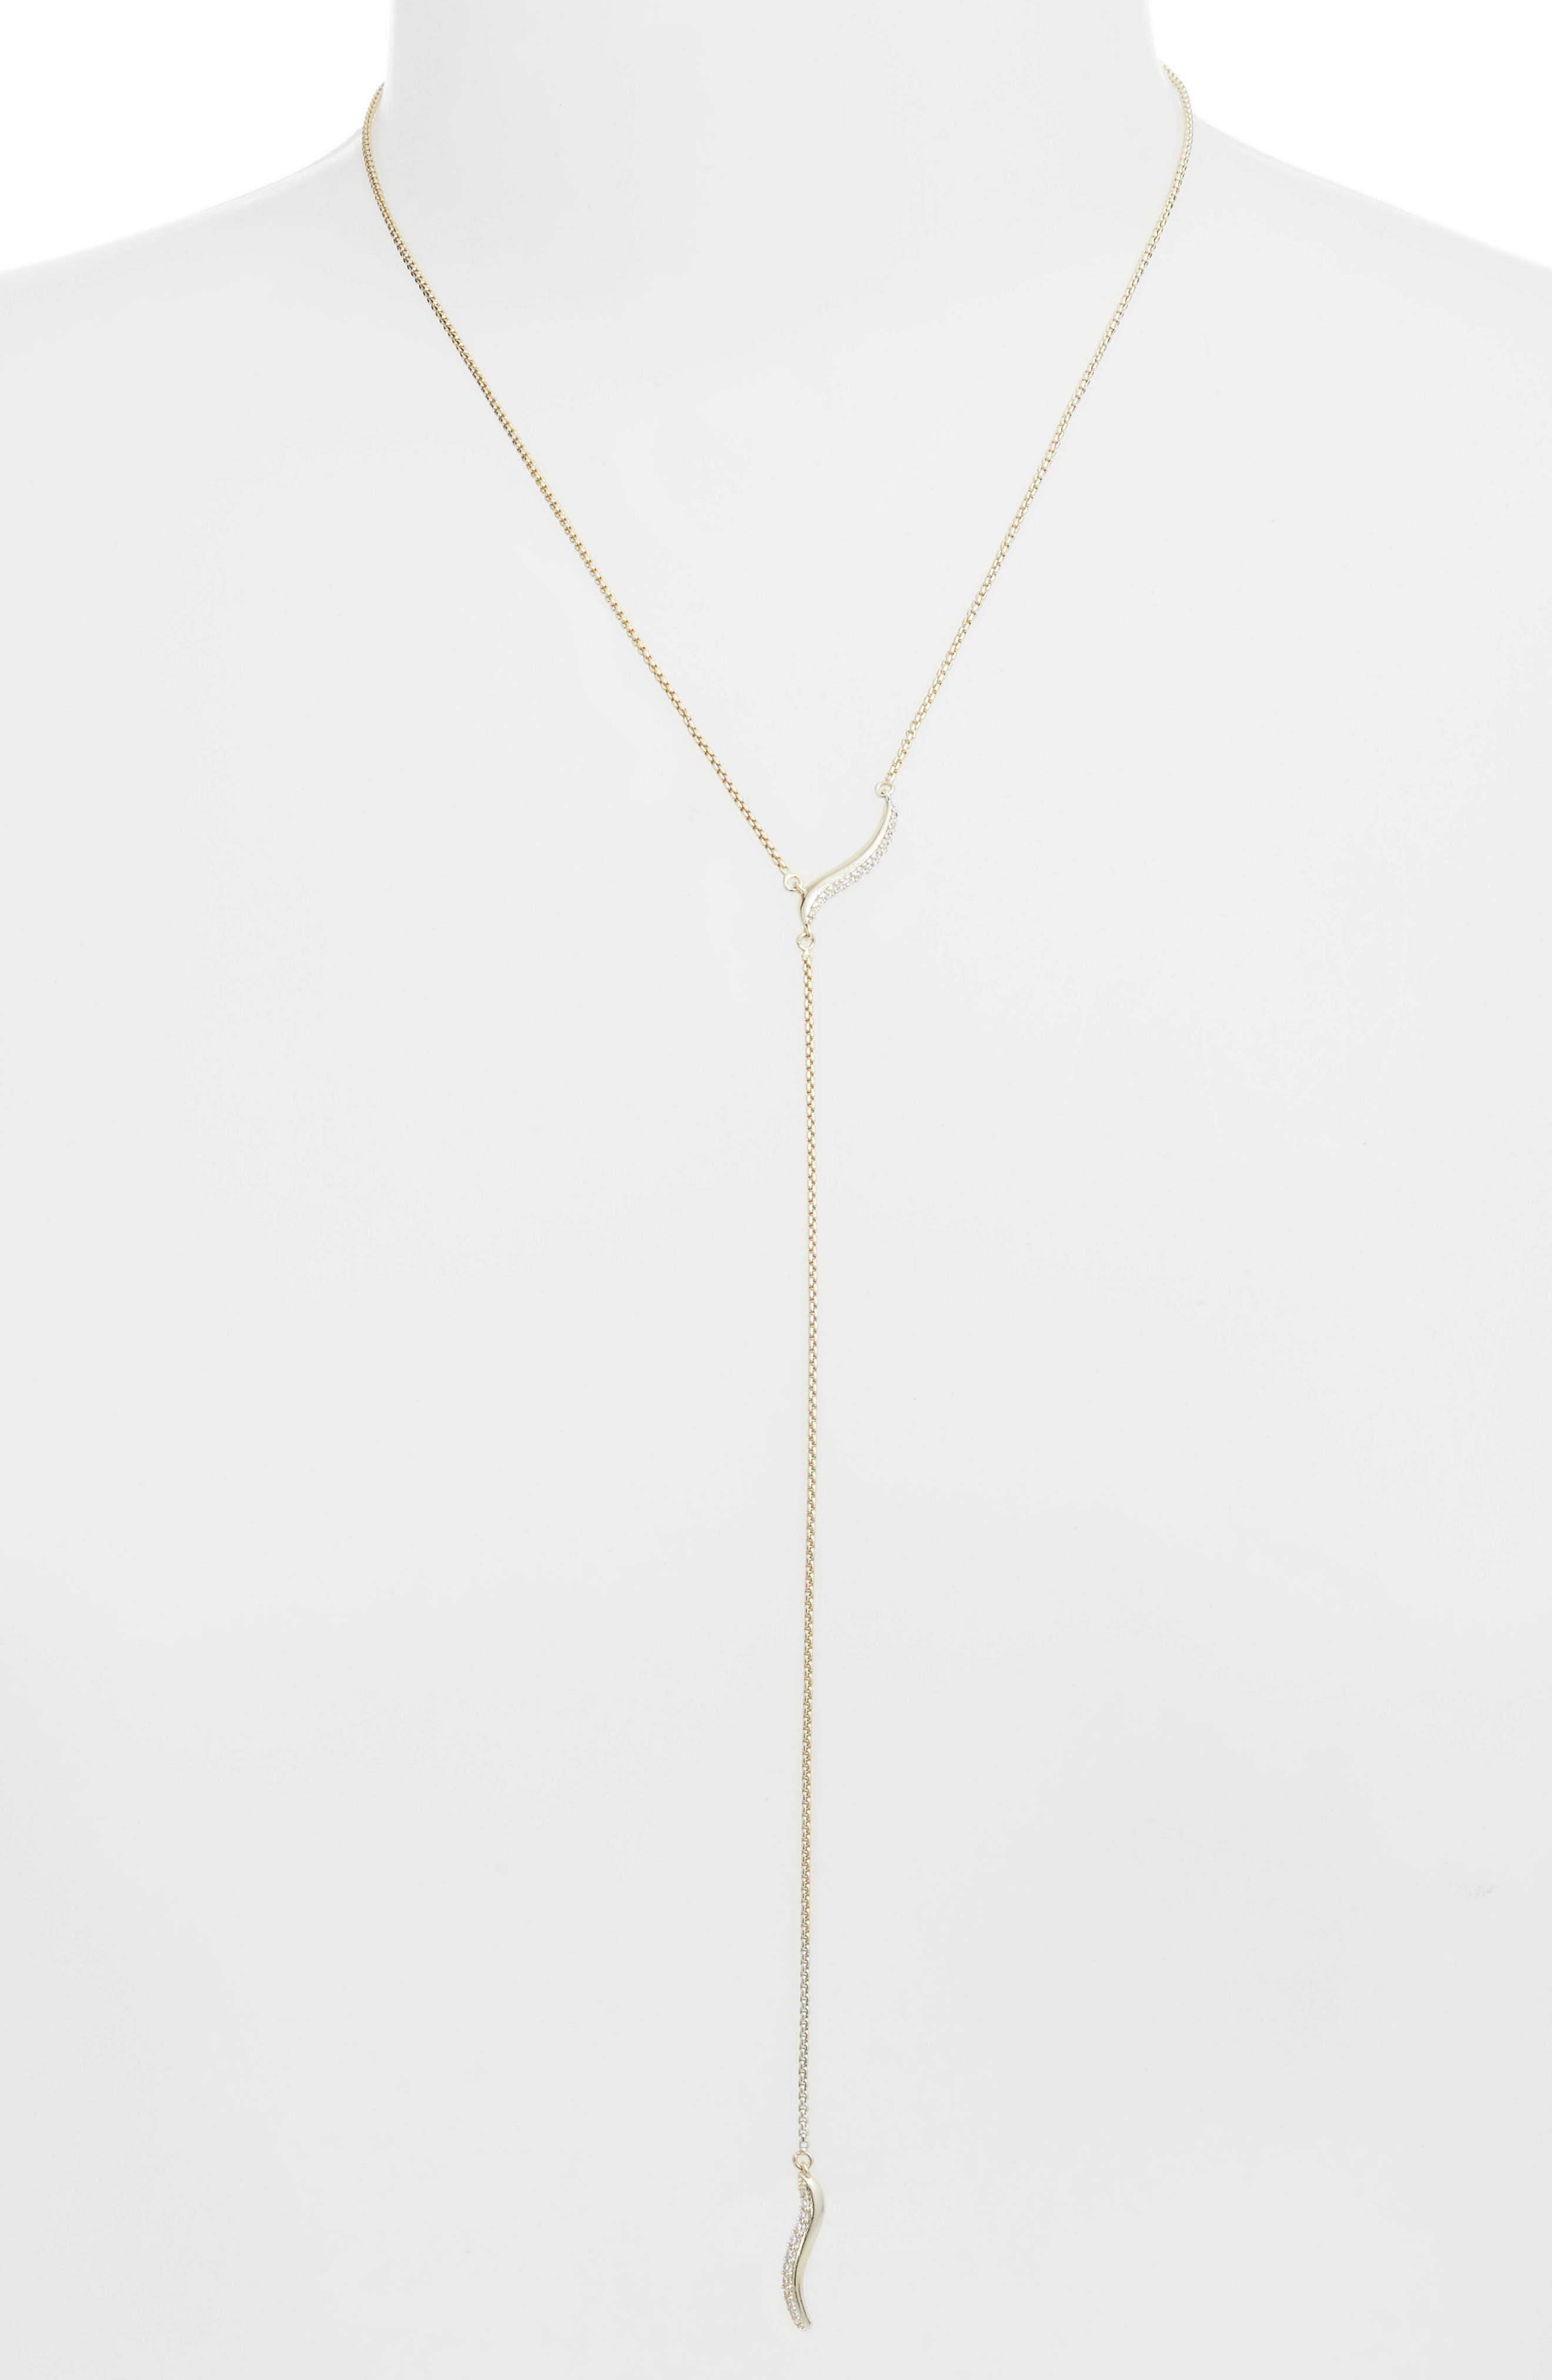 KENDRA SCOTT Jace Y-Necklace, Main, color, 710